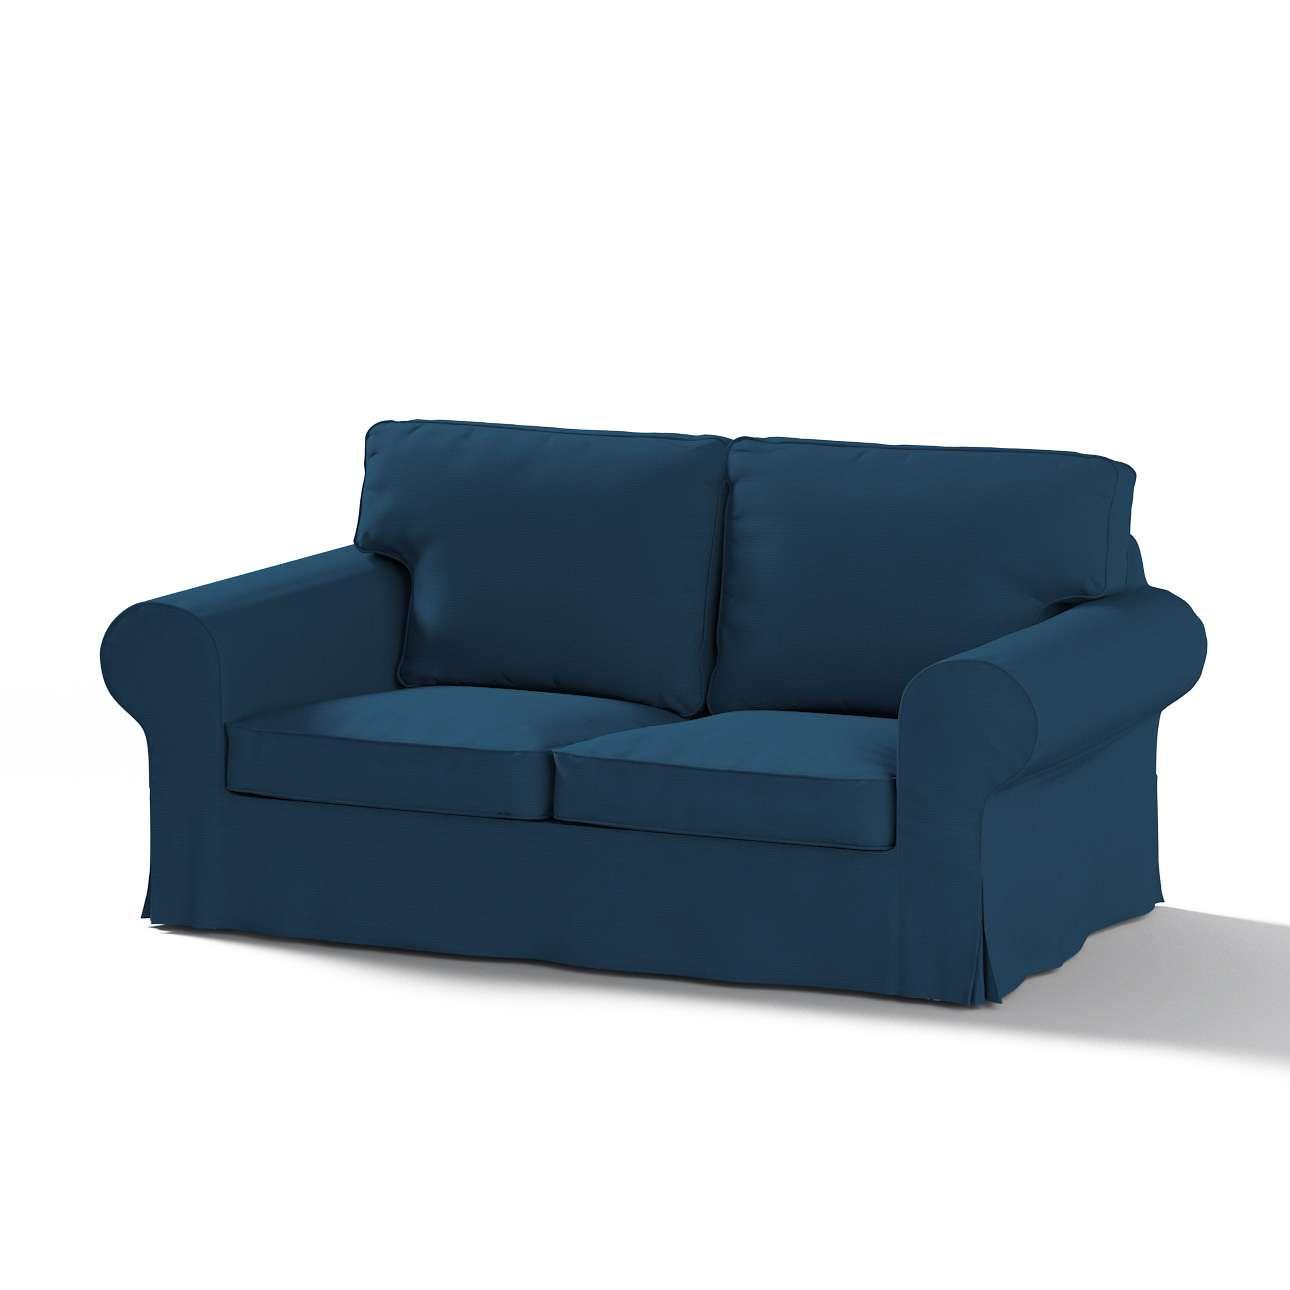 Pokrowiec na sofę Ektorp 2-osobową rozkładaną, model po 2012 w kolekcji Cotton Panama, tkanina: 702-30